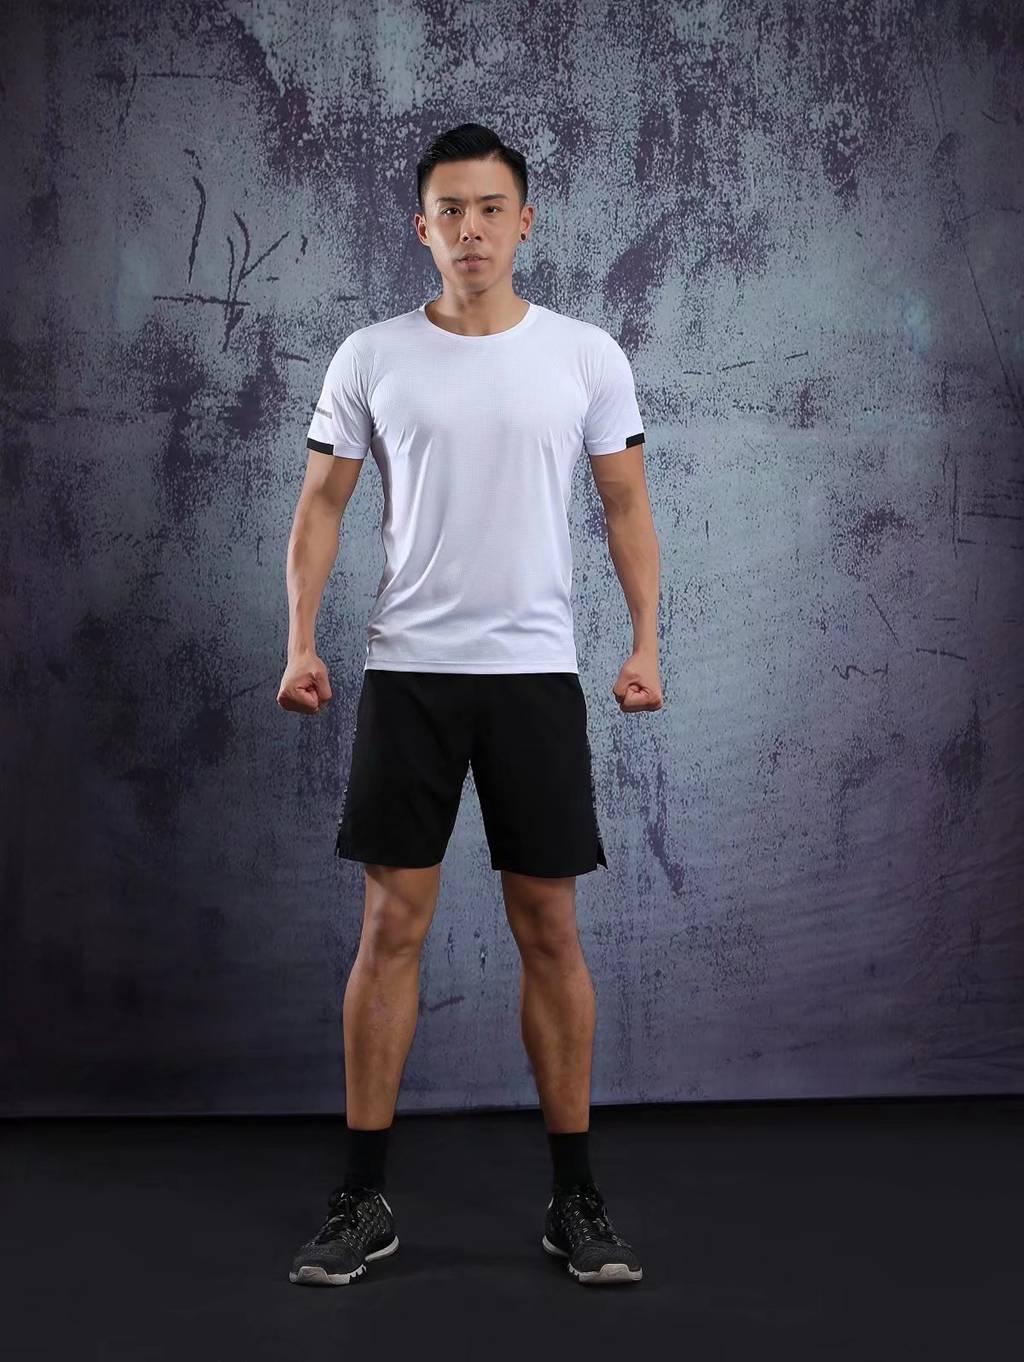 春夏新品 圆领短袖T恤 时尚运动文化衫 白色